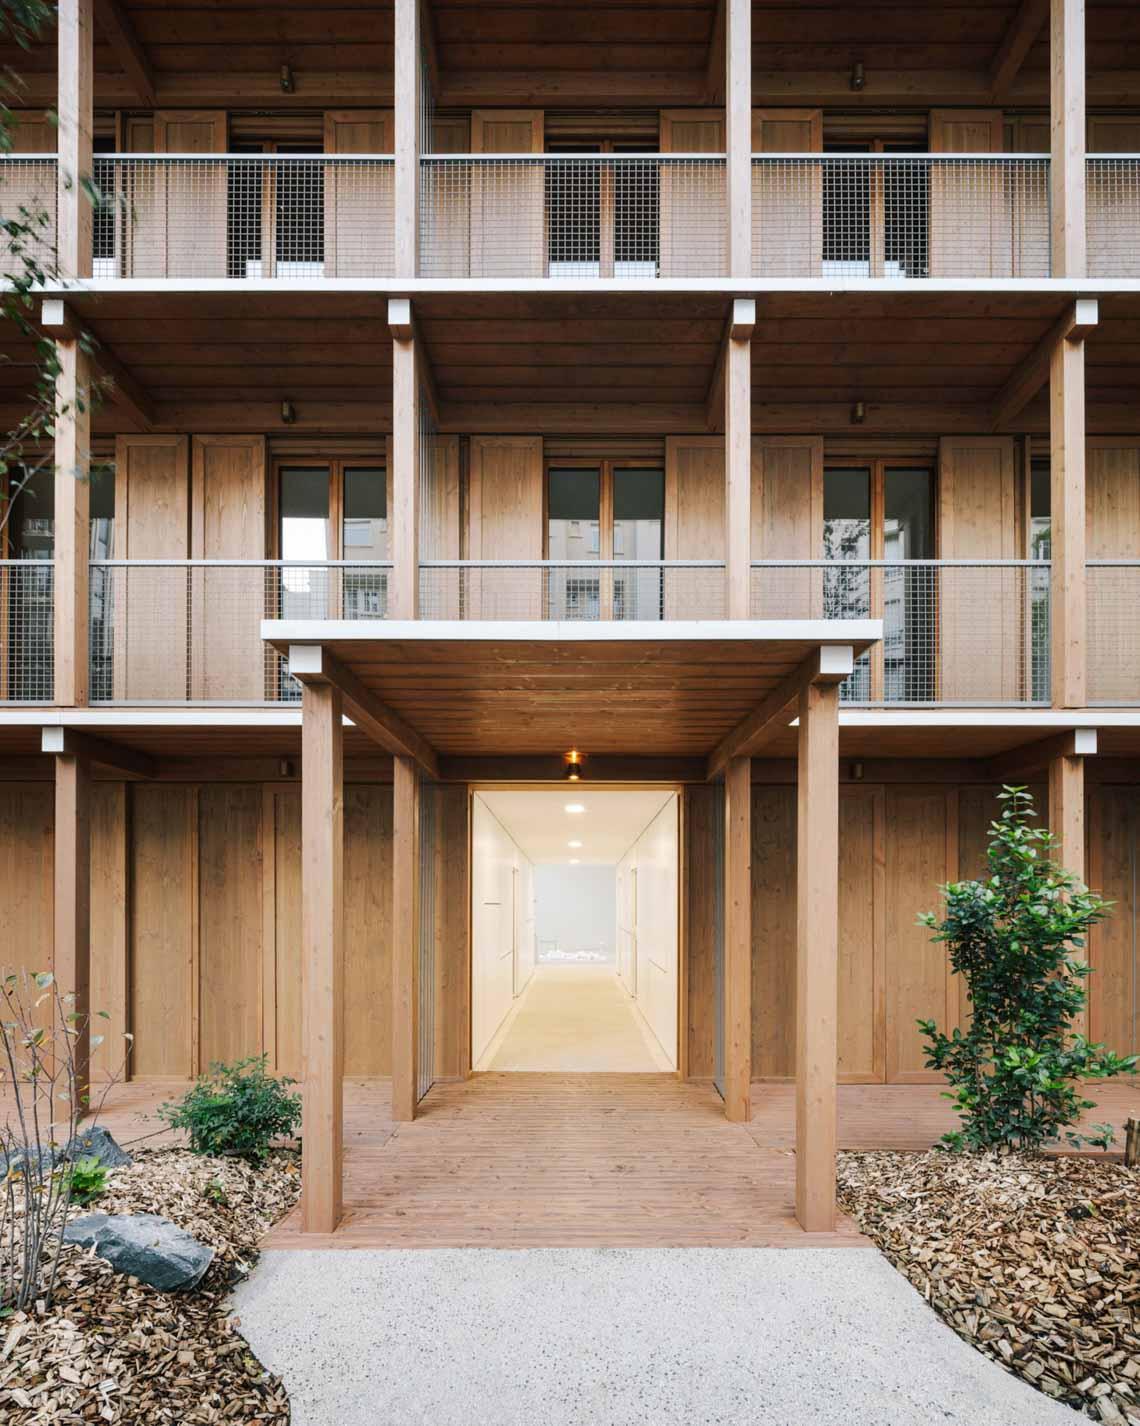 Tòa nhà căn hộ bằng gỗ với thiết kế mang phong cách Nhật Bản - 2